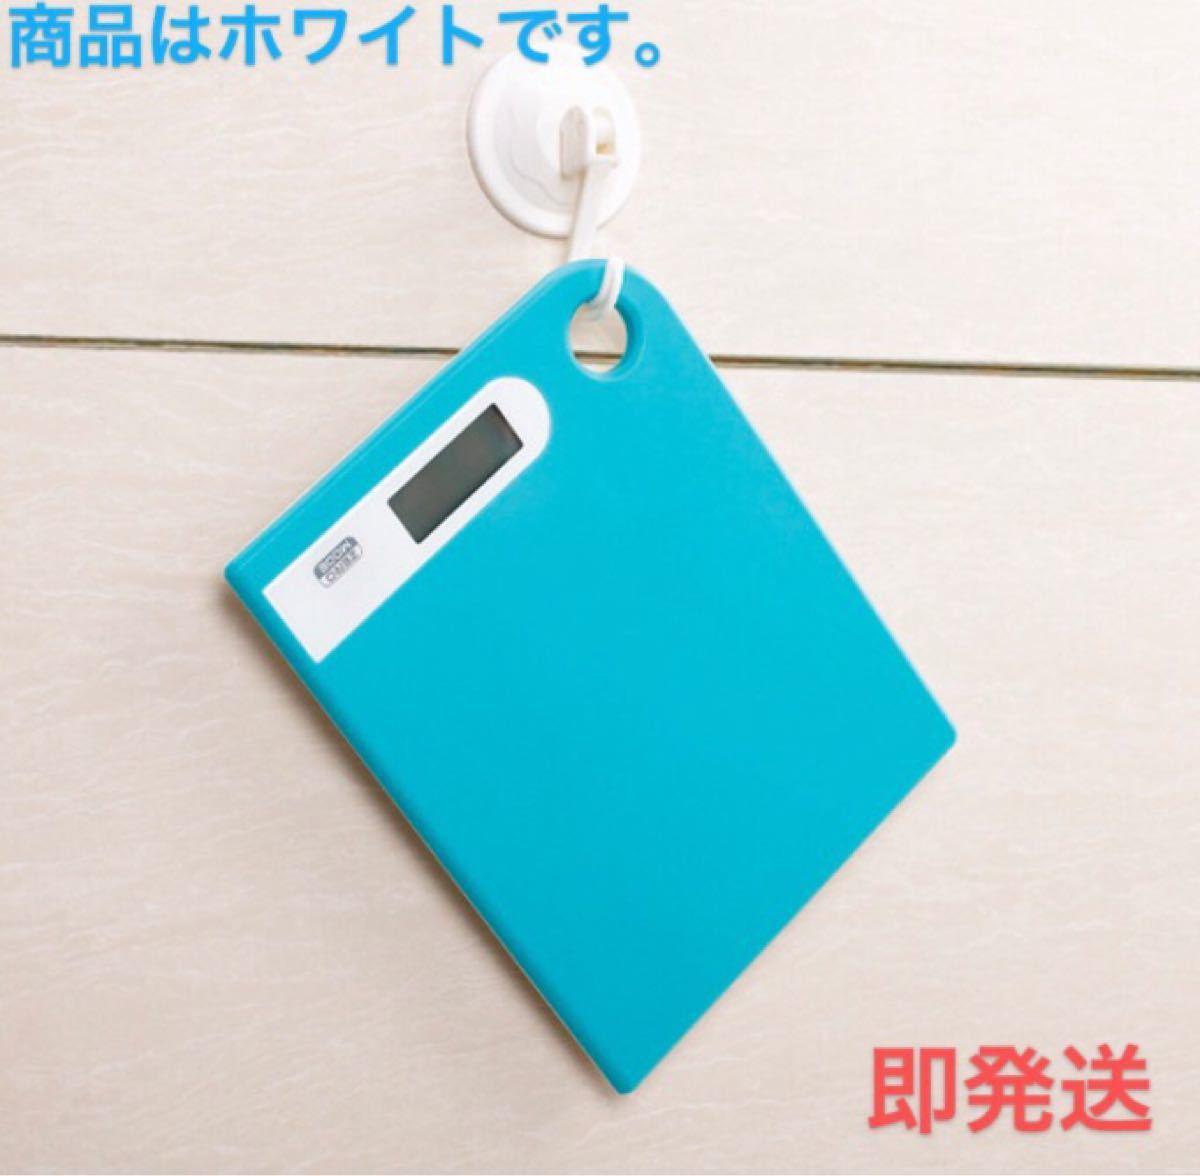 超薄型 ホワイトデジタルスケールキッチンスケール郵便物はかり秤計量器コンパクト